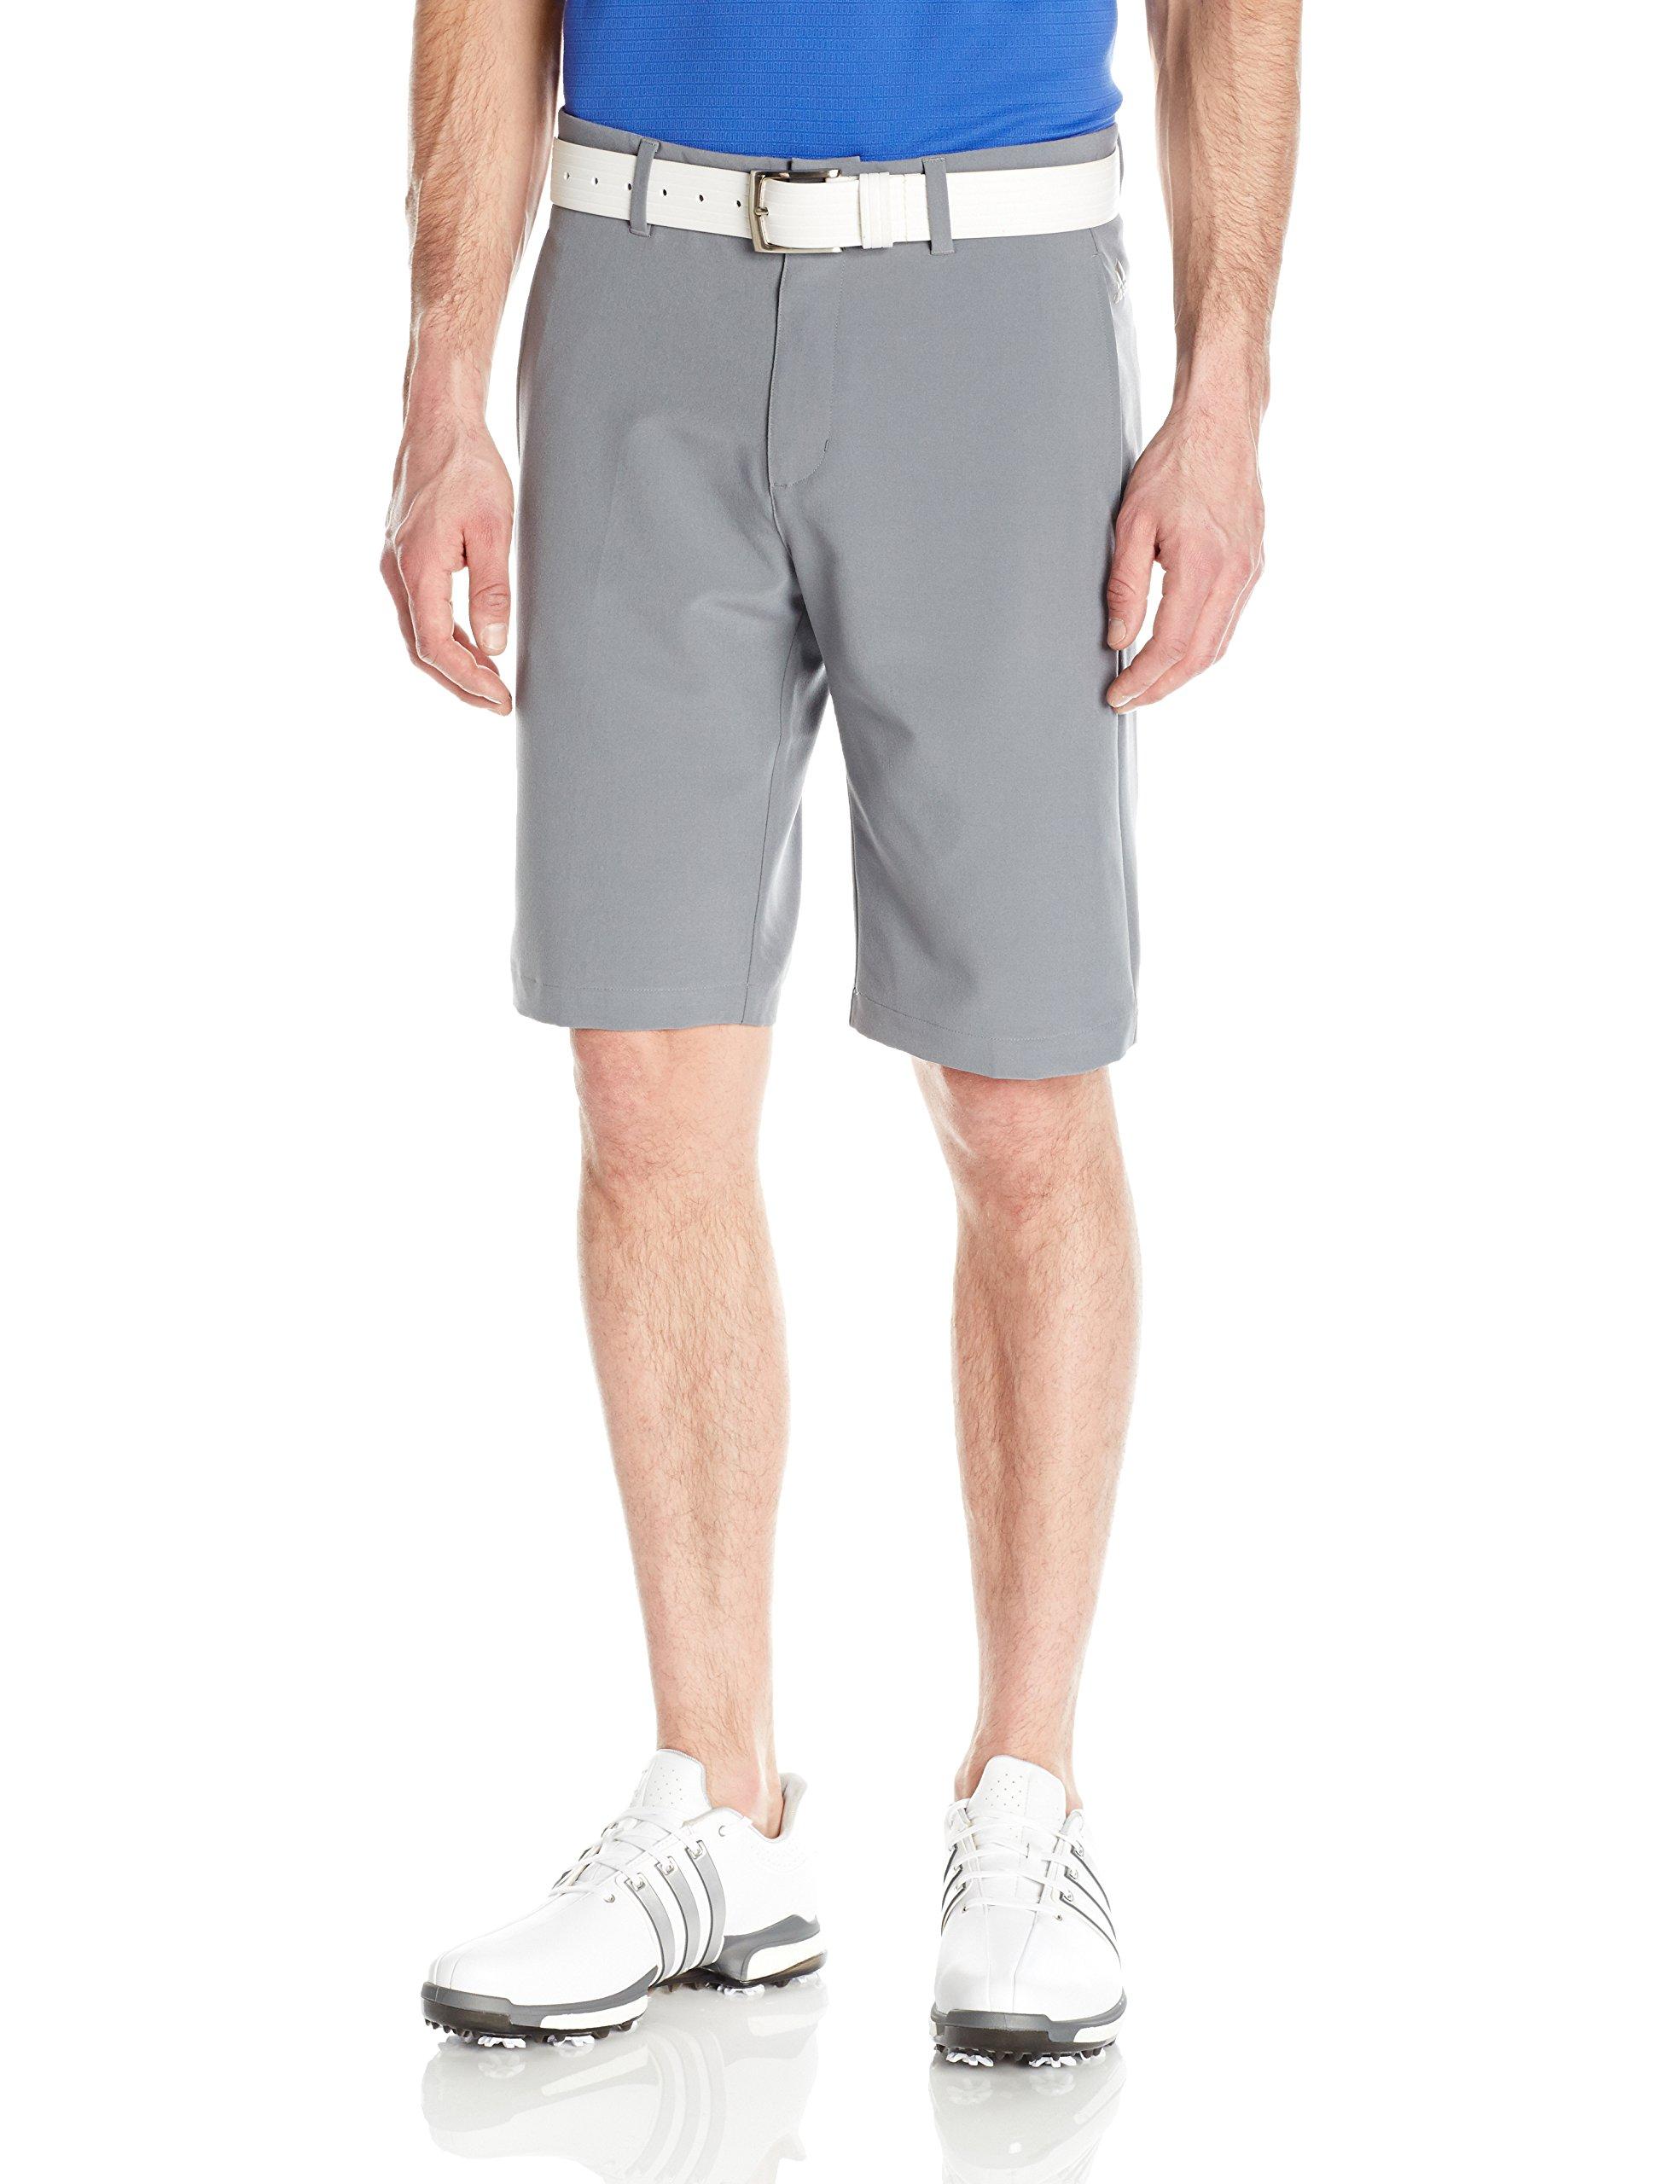 adidas Golf Ultimate+ 3-Stripes Short, Vista Grey, 32'' by adidas